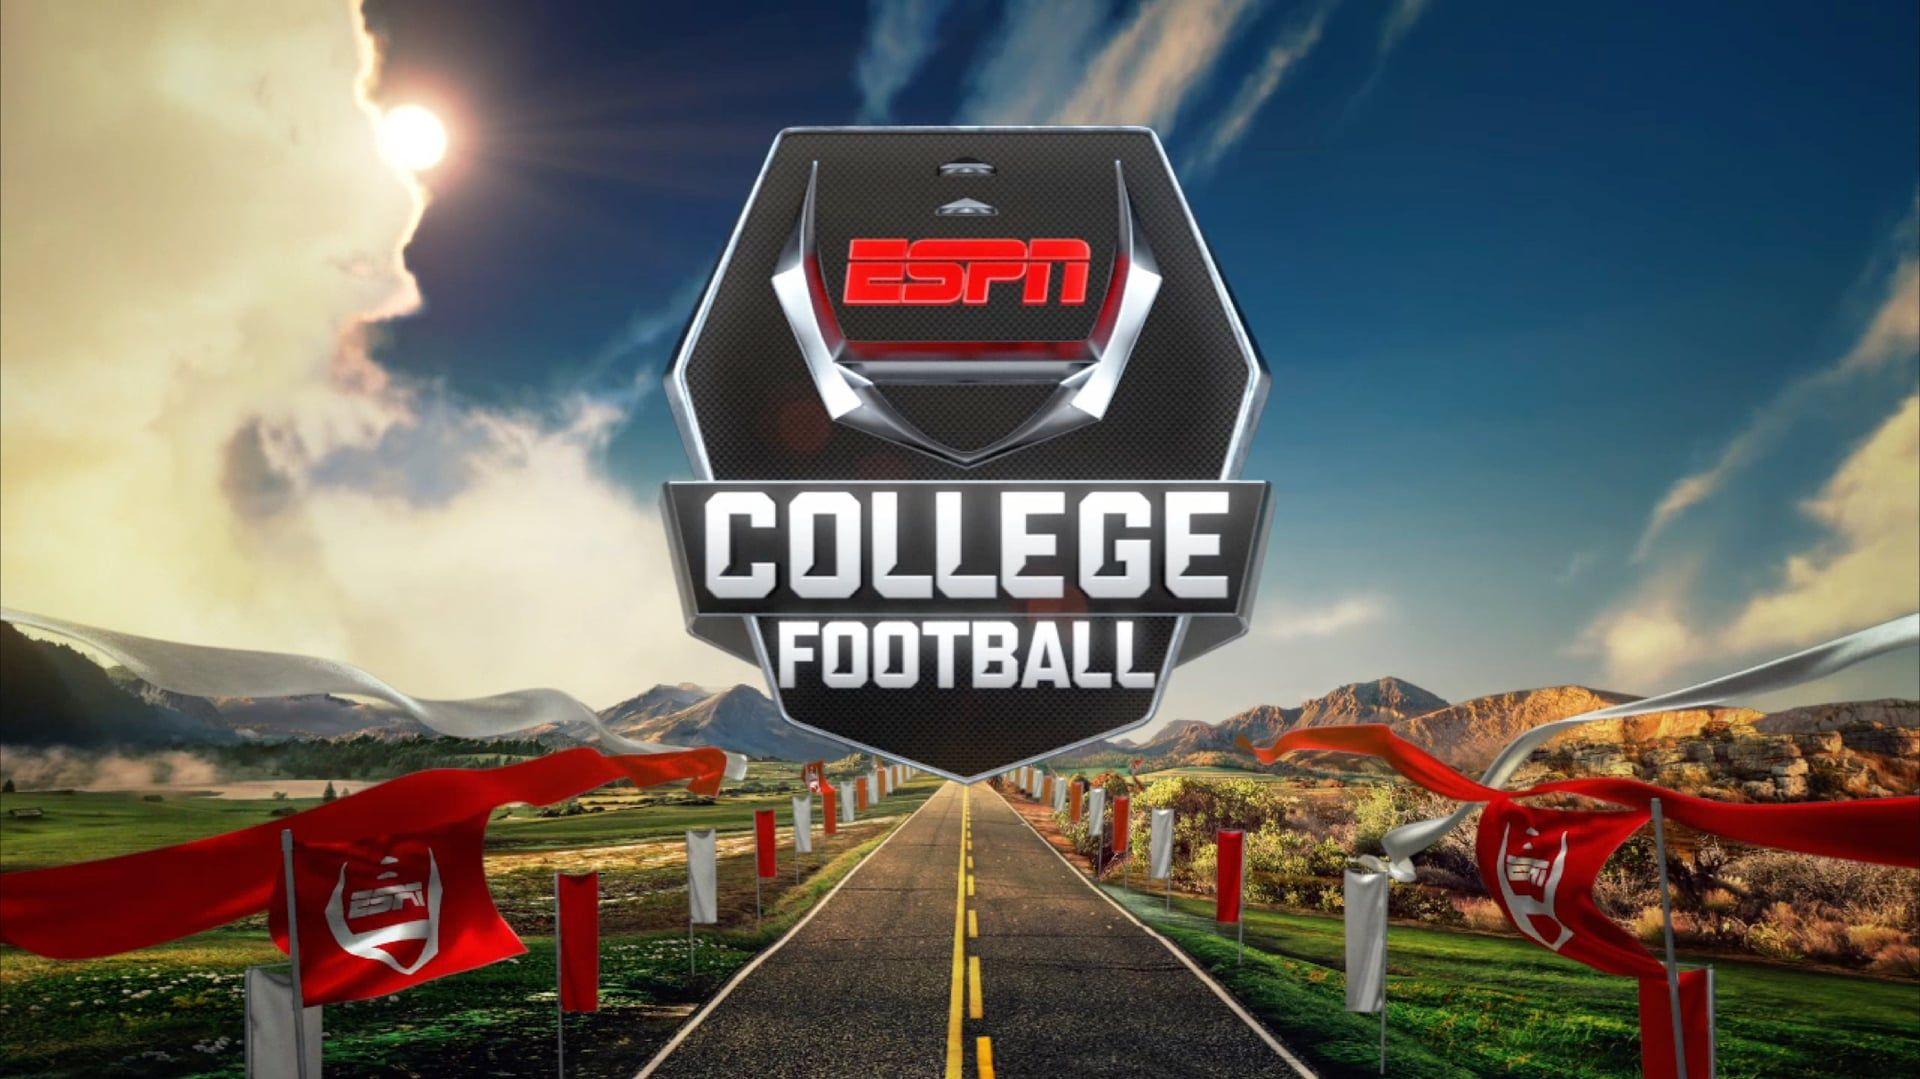 Espn College Football Sizzle Espn College Football College Football College